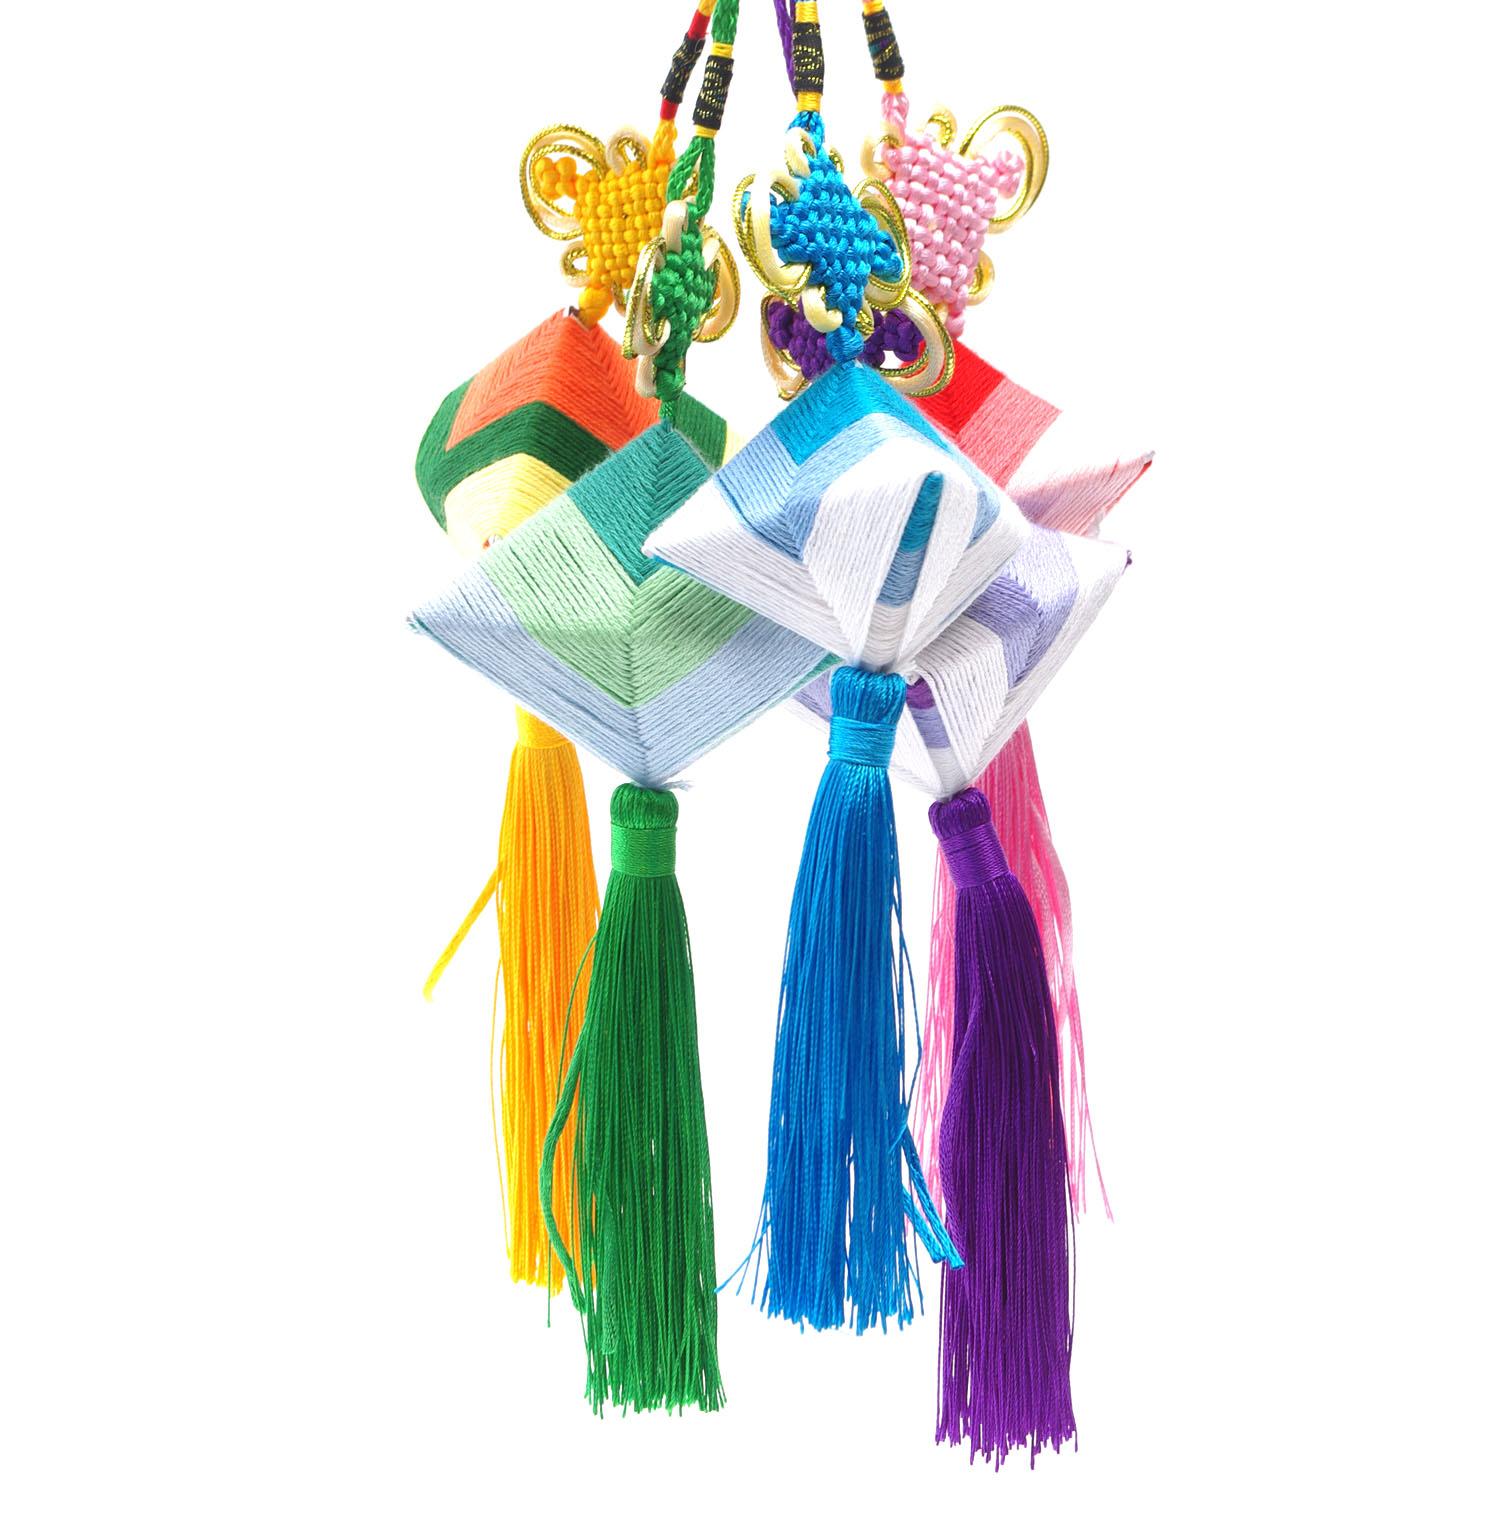 重阳节中国结香包五彩绳编织手工diy材料包福袋儿童创意粽子香囊